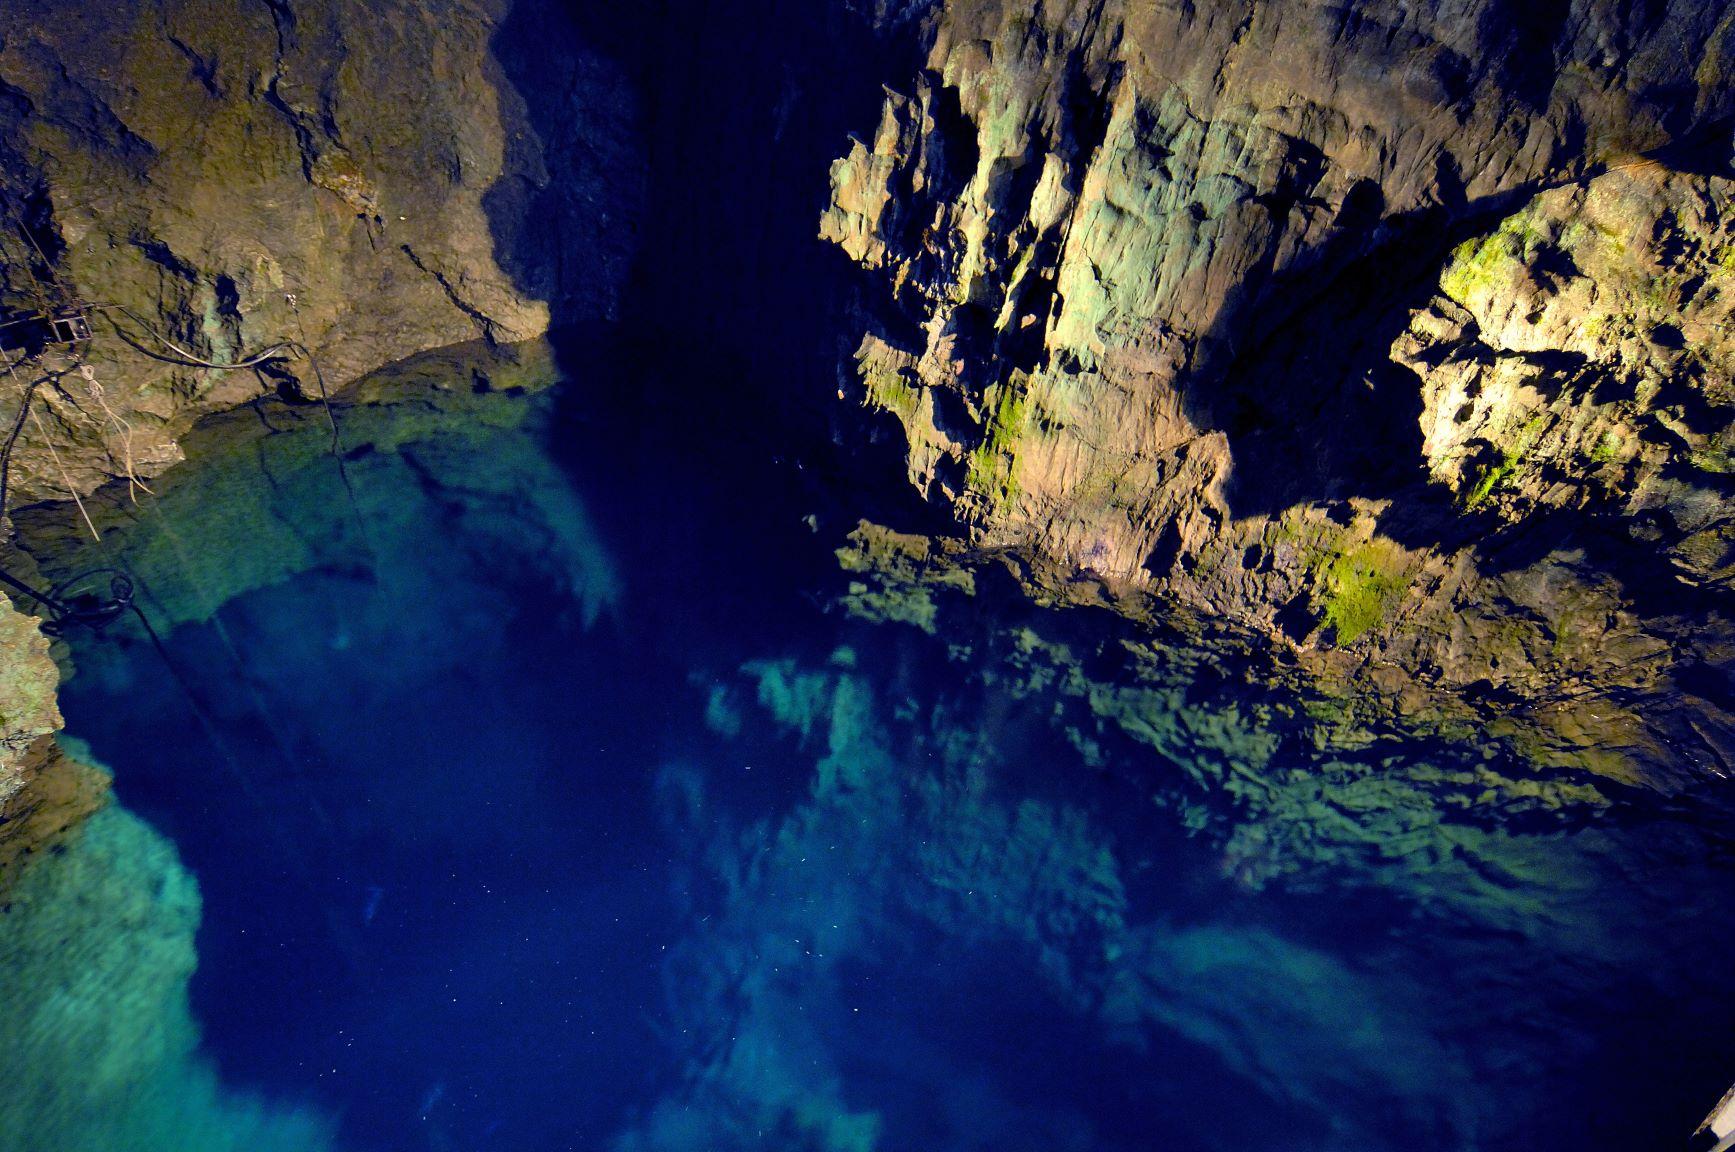 FF10の「聖なる泉」を岩手県の龍泉洞に重ねた愛を誓うプロポーズ